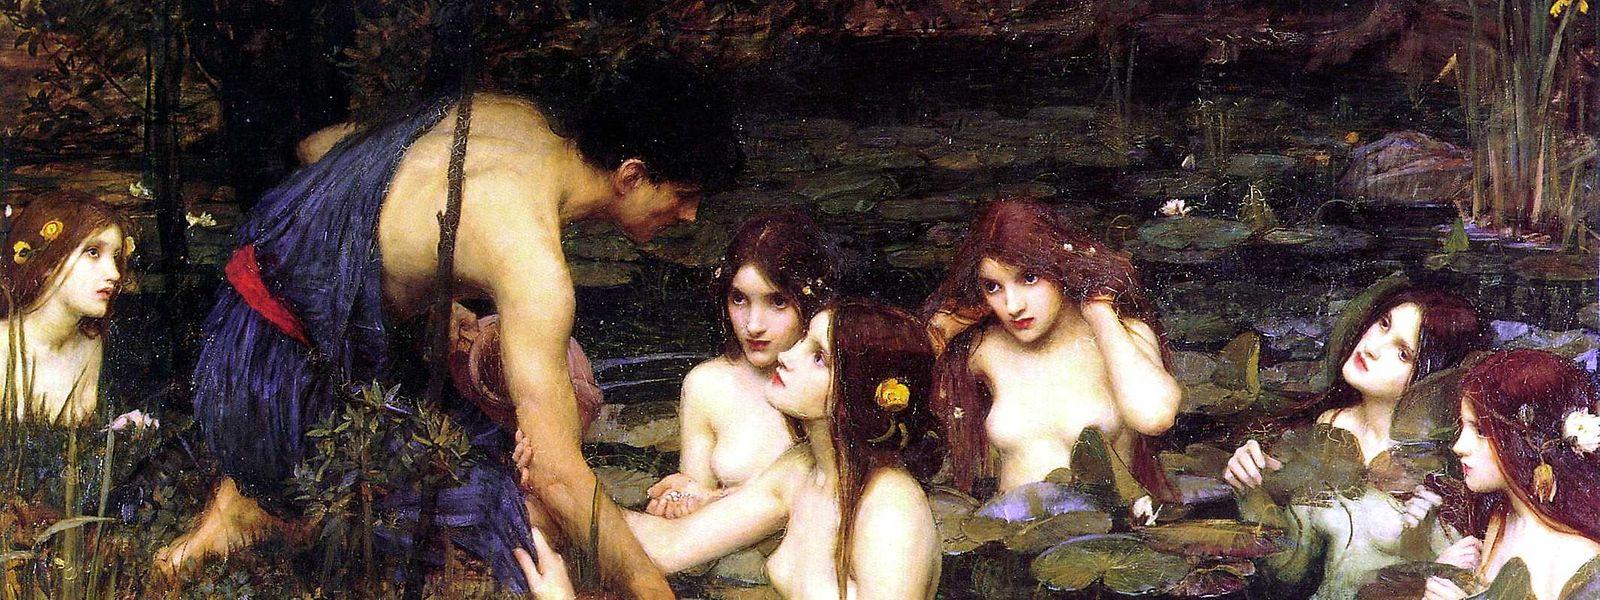 """Die Nymphen sind der Tod des jungen Mannes - eine Darstellung, die Kuratorin Clare Gannaway """"herausfordern"""" will."""